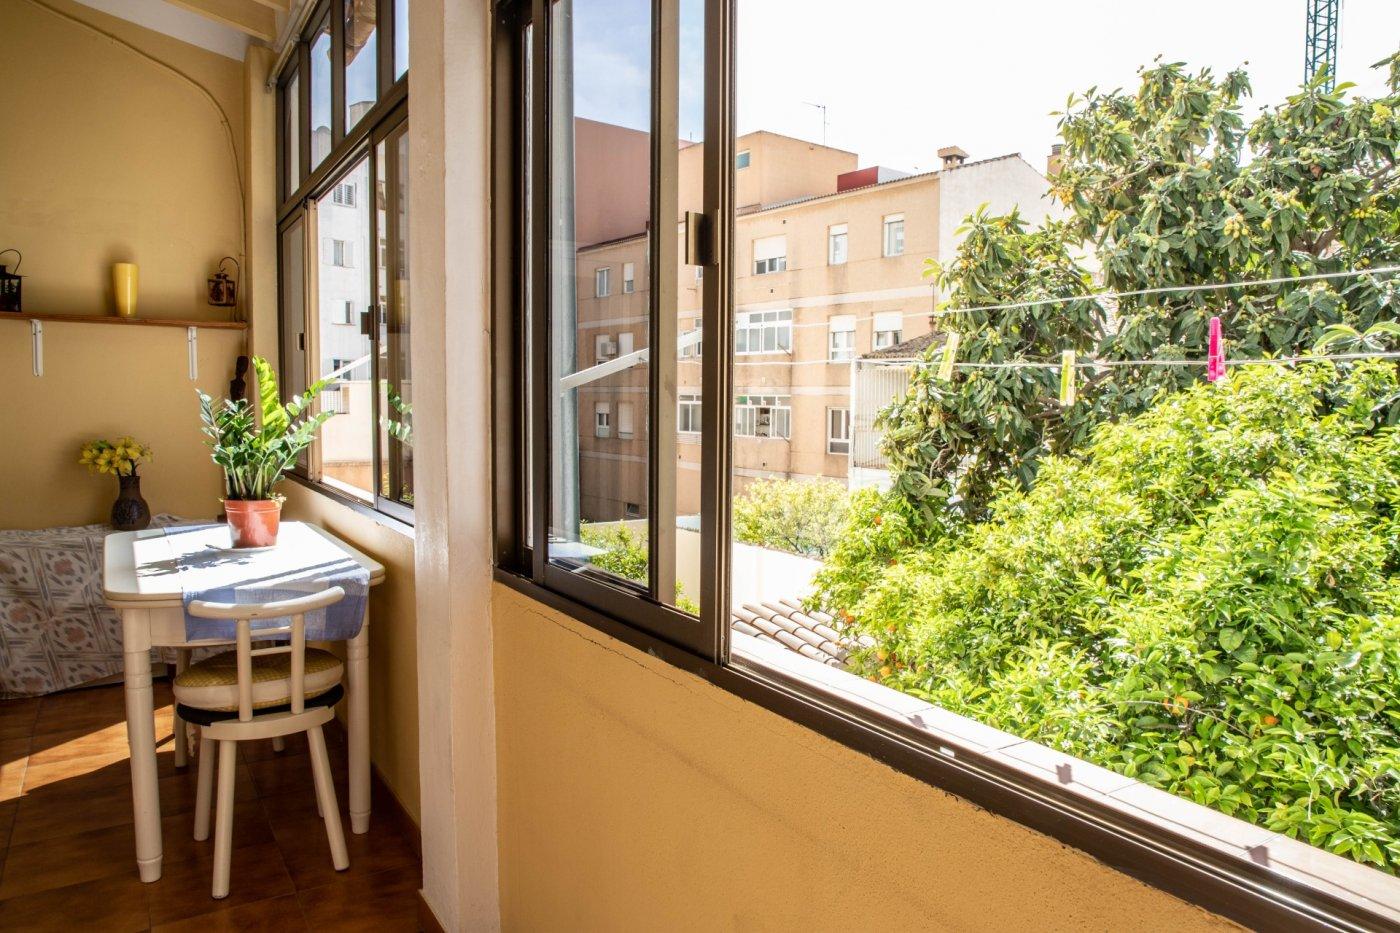 Primer piso con terrado privado en santa catalina - imagenInmueble11